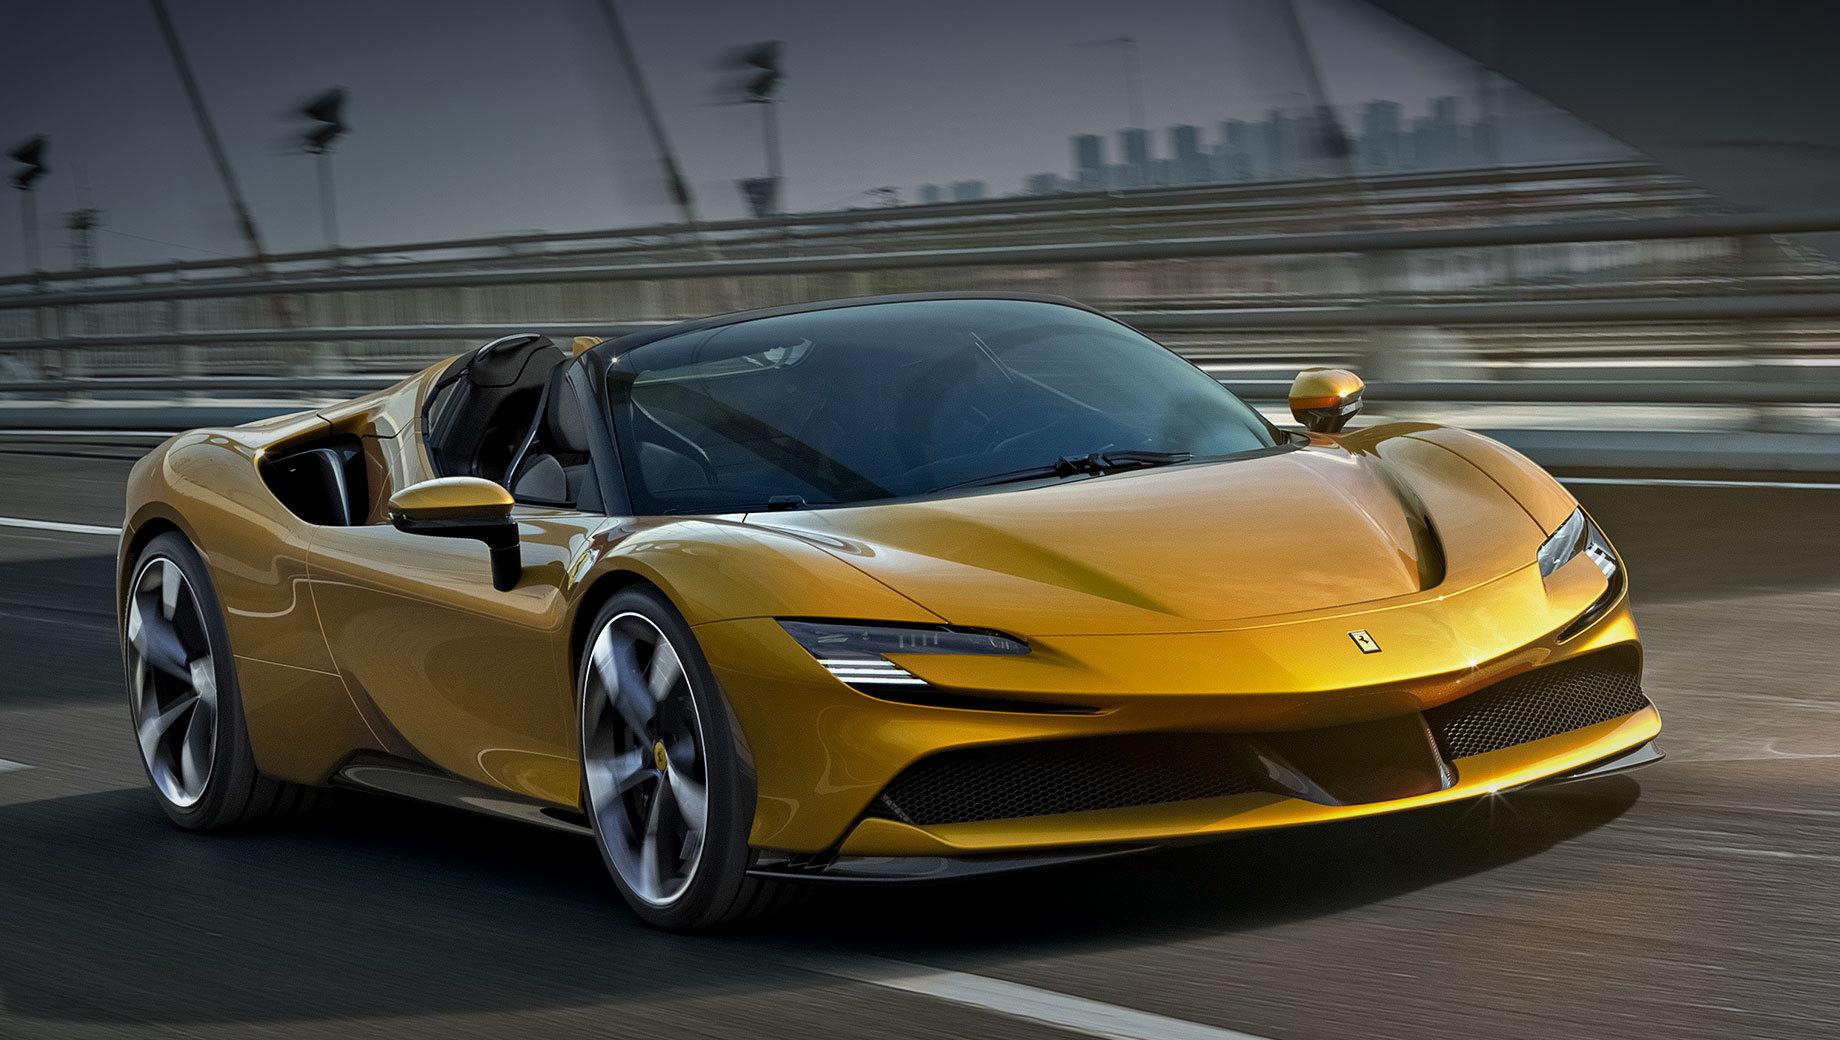 Ferrari sf90 spider,Ferrari sf90. По размерам Spider немного отличается от купе: длина — 4704 мм (-6), ширина — 1973 (-1), высота — 1191 (+5), колёсная база — 2649 (-1 мм). Снаряжённая масса больше ровно на центнер (1670 кг).